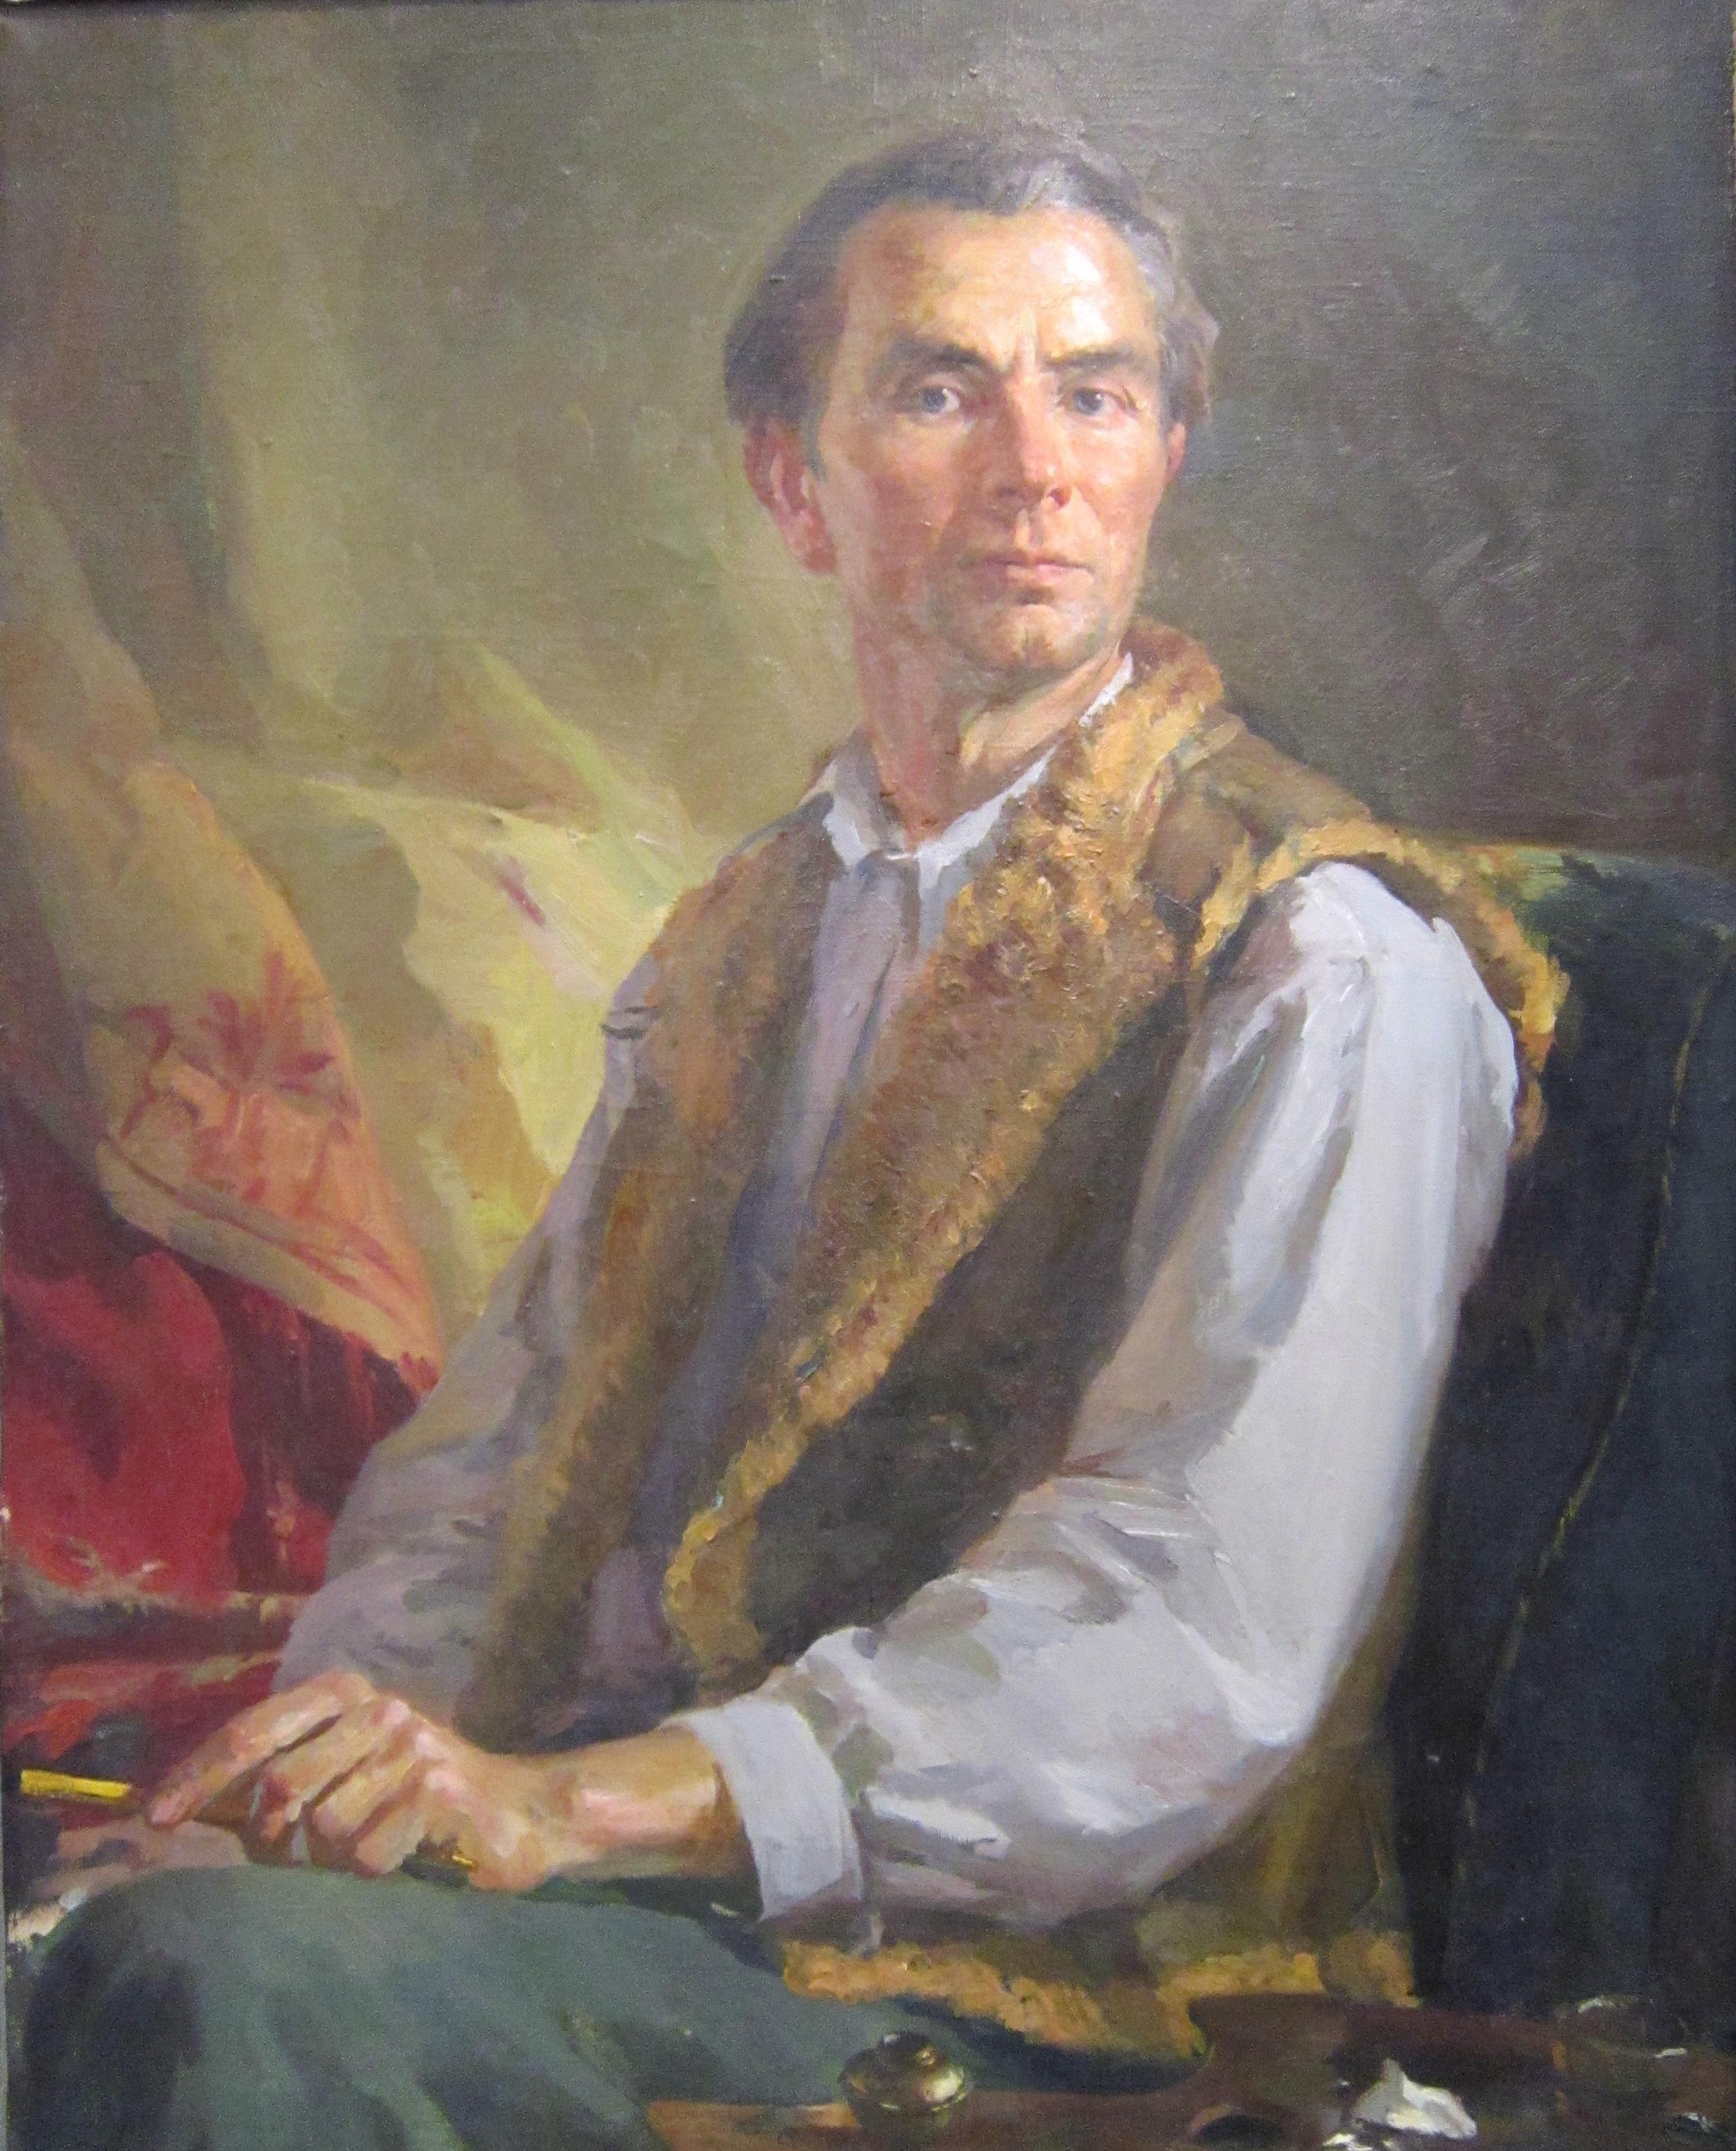 Степан Антонович Сухоруков (1915-1982 гг.). Автопортрет. 1950 год.